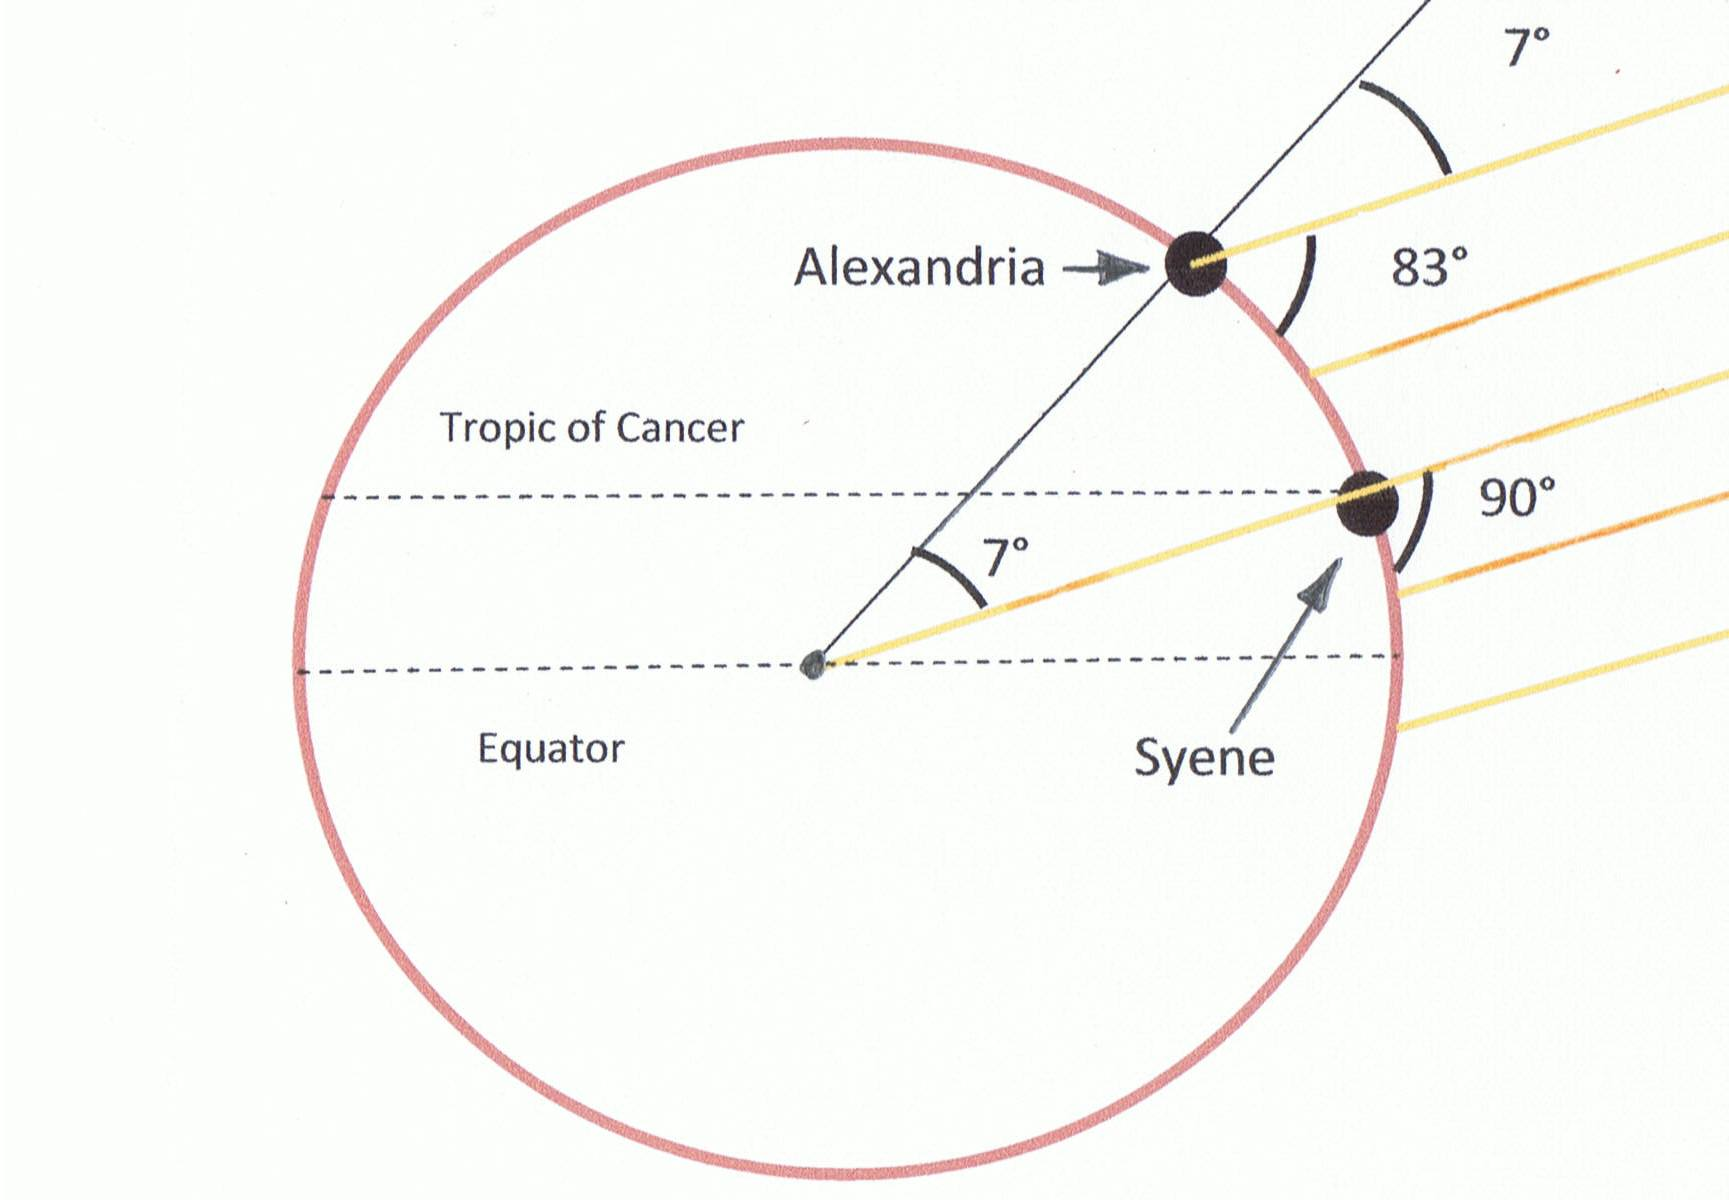 πώς ο Ερατοσθένης υπολόγισε με ακρίβεια την περίμετρο της γης